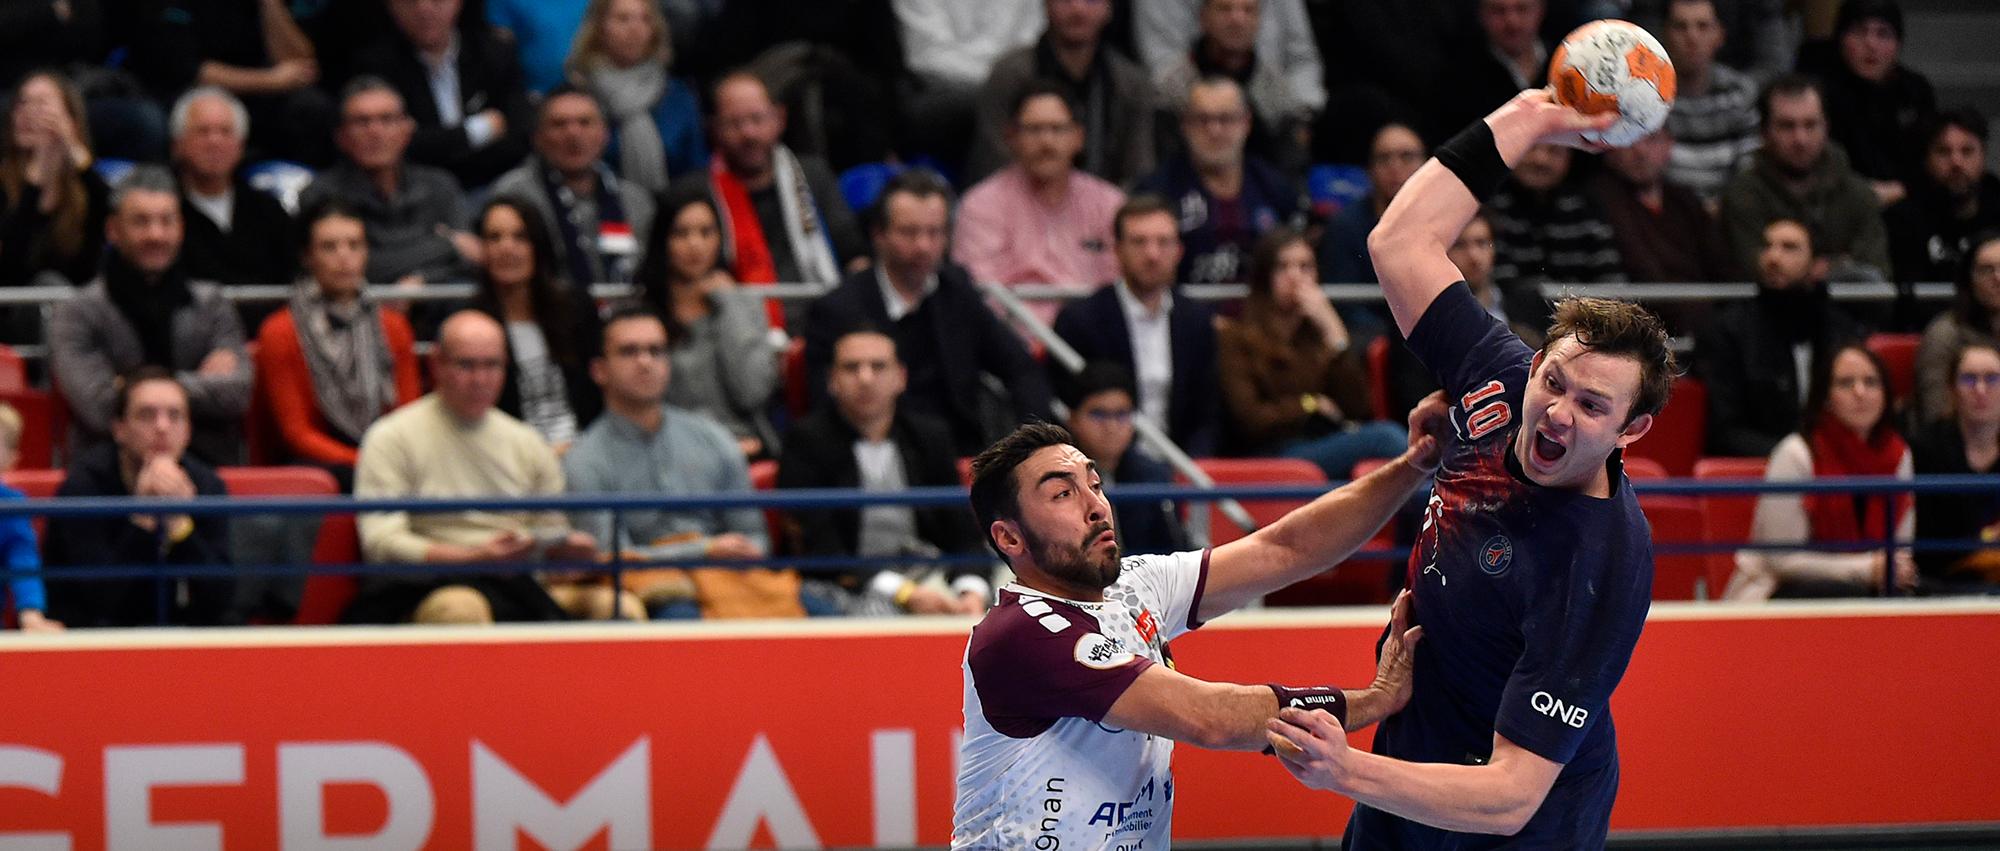 Le Norvégien Sander Sagosen  à la lutte avec l'espagnol Valero Rivera à l'occasion des quarts de finale de Coupe de la Ligue, jeudi dernier.